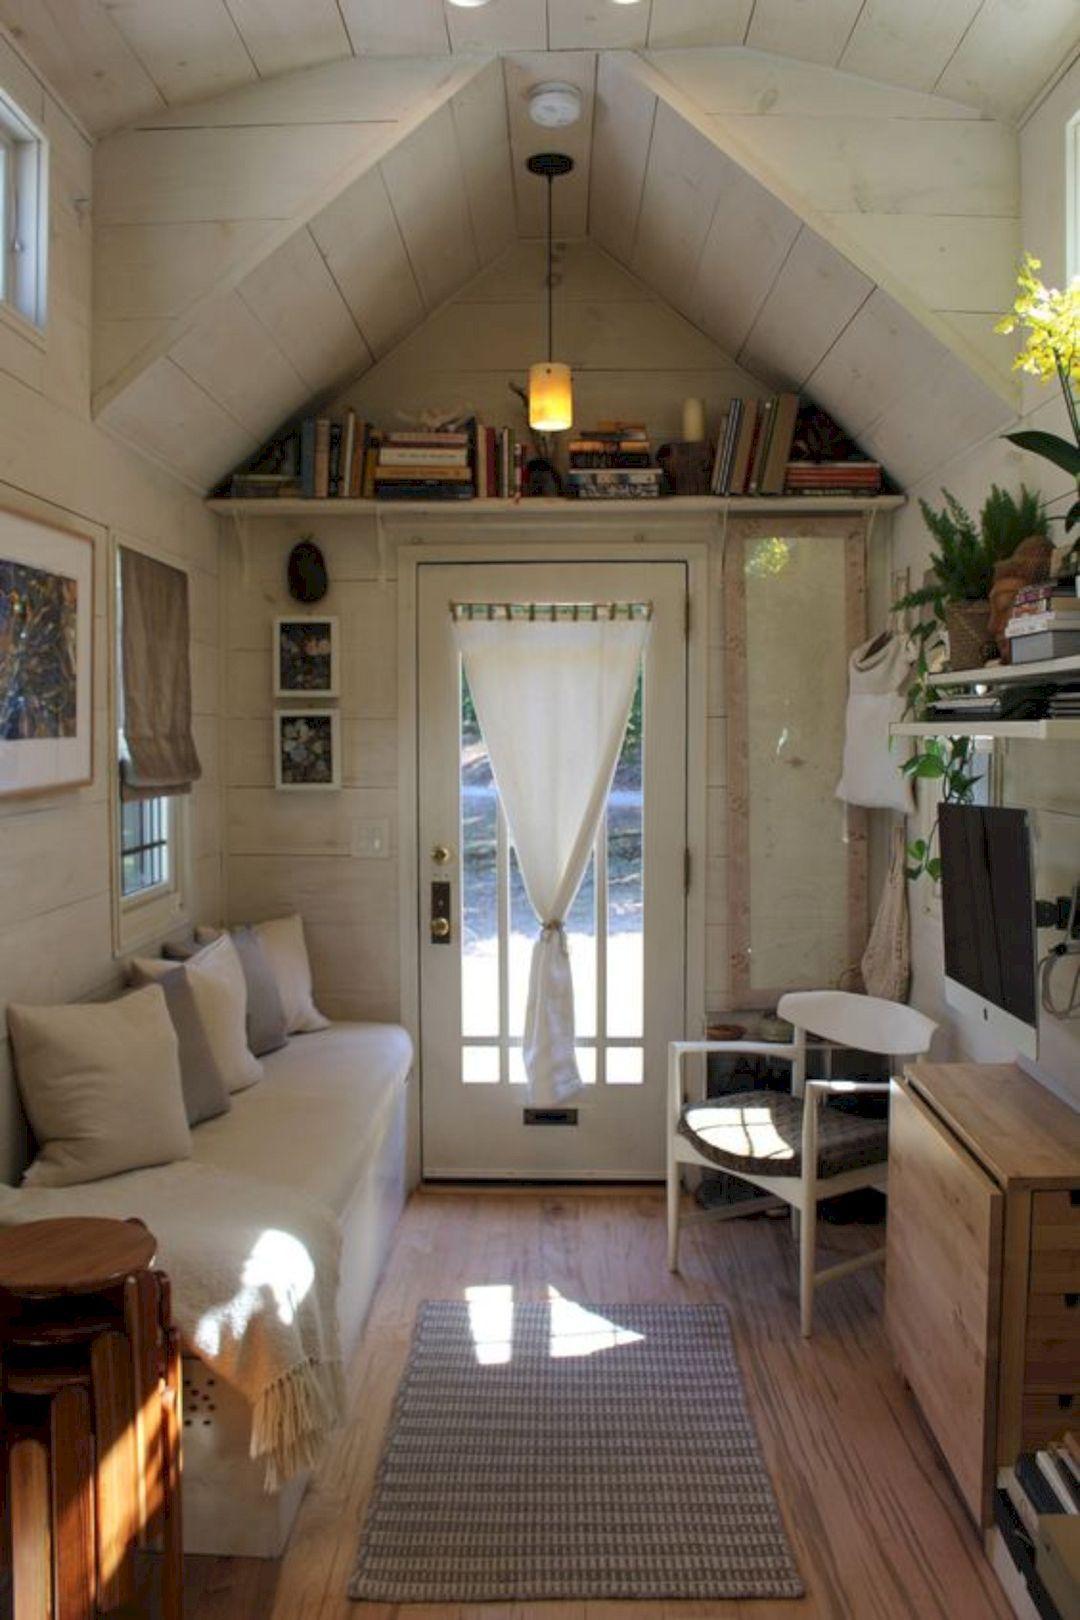 16 Tiny House Interior Design Ideas